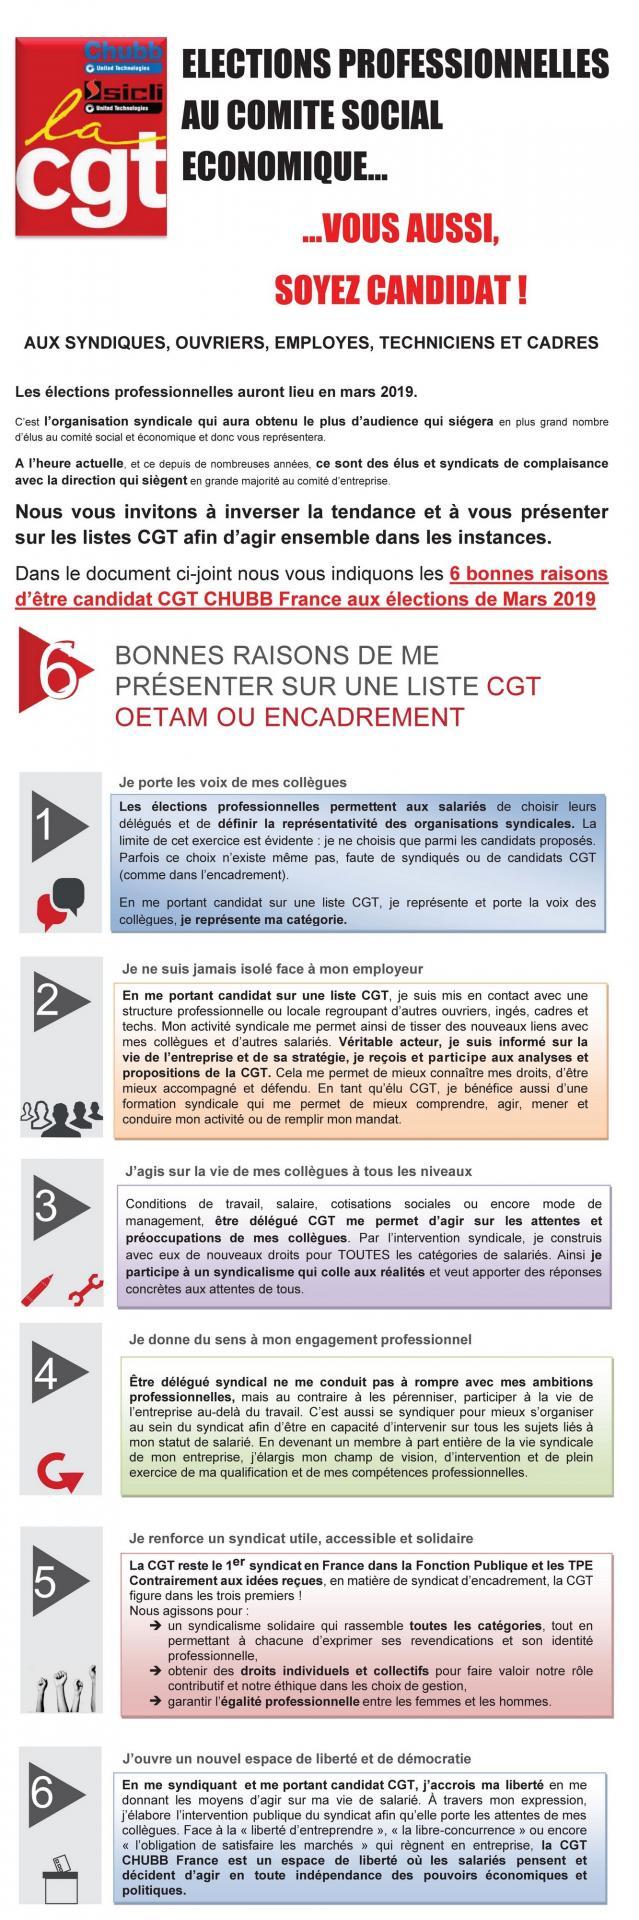 6 bonnes raisons d etre candidat cgt